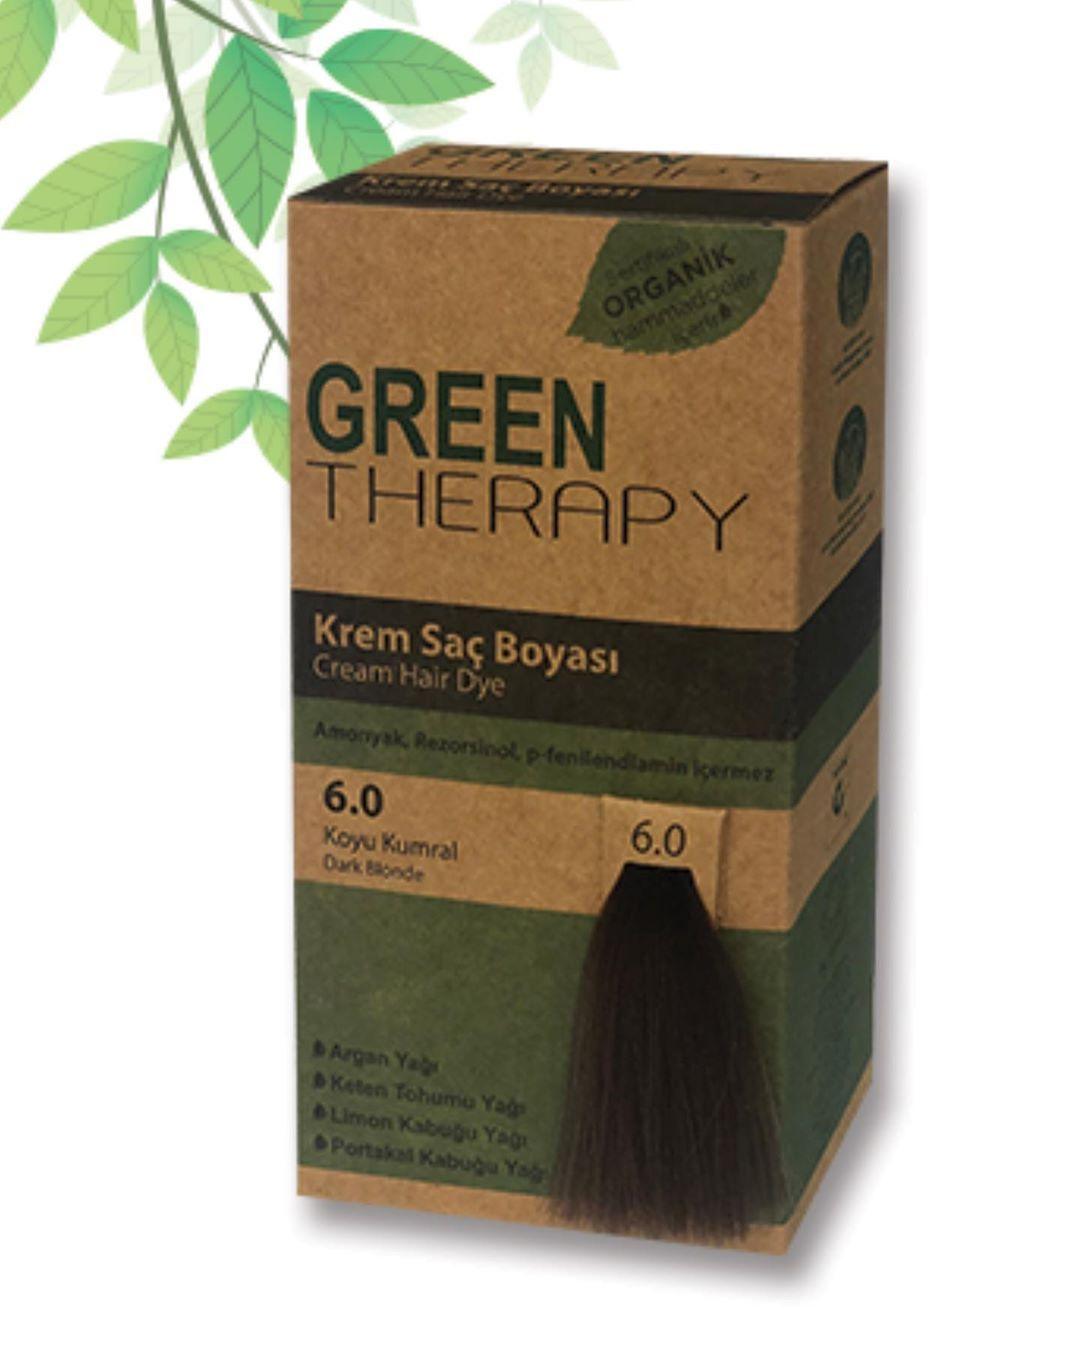 صبغة Green Therapy صبغة بمكونات طبيعية خالية من الأمونيا التي تسبب